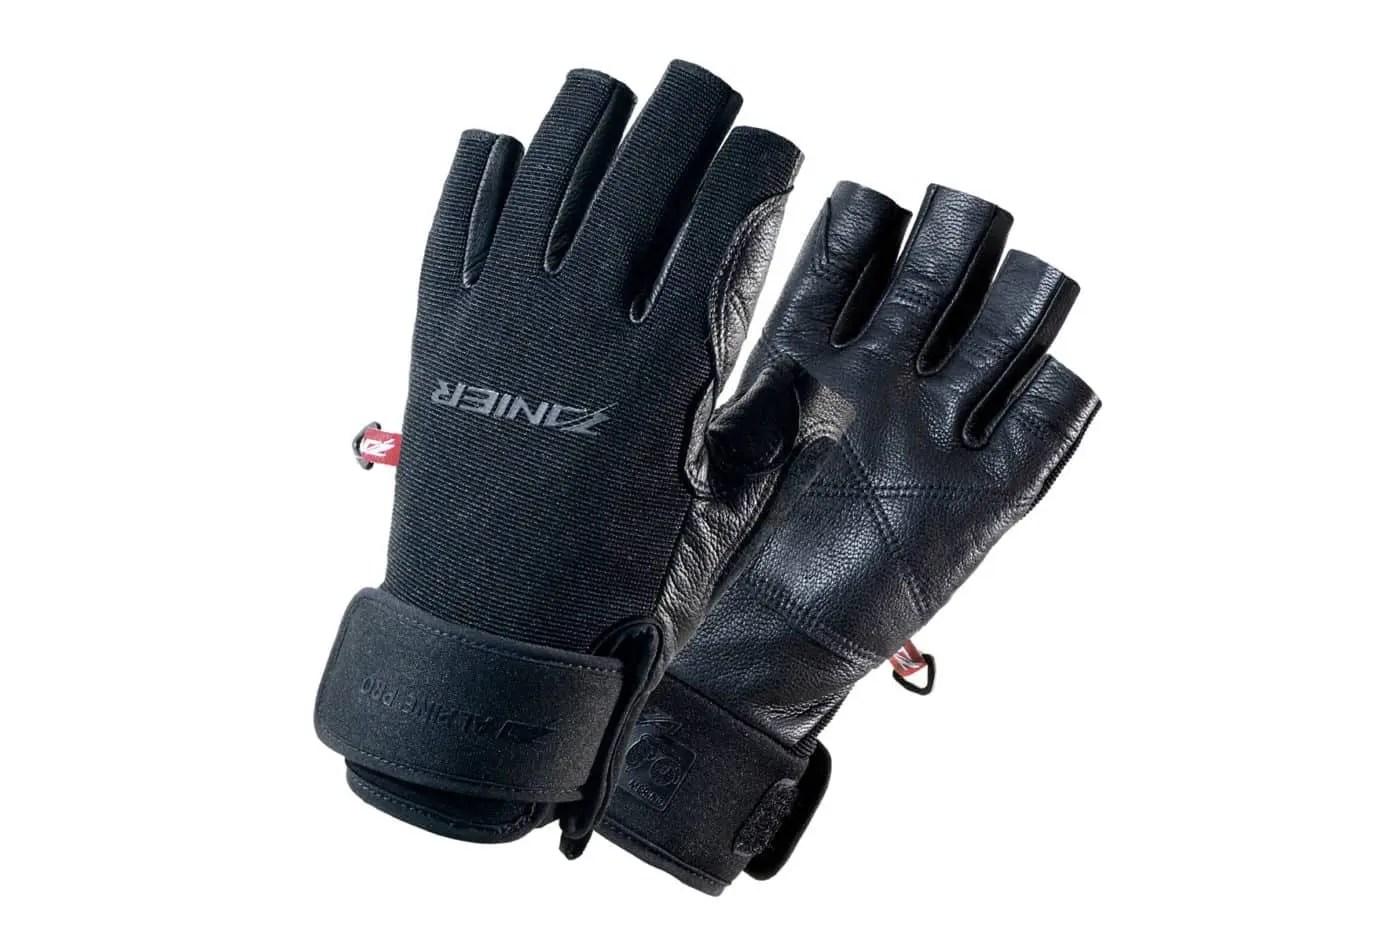 Klettersteig Handschuhe : Seeben klettersteig seebensee m alpic